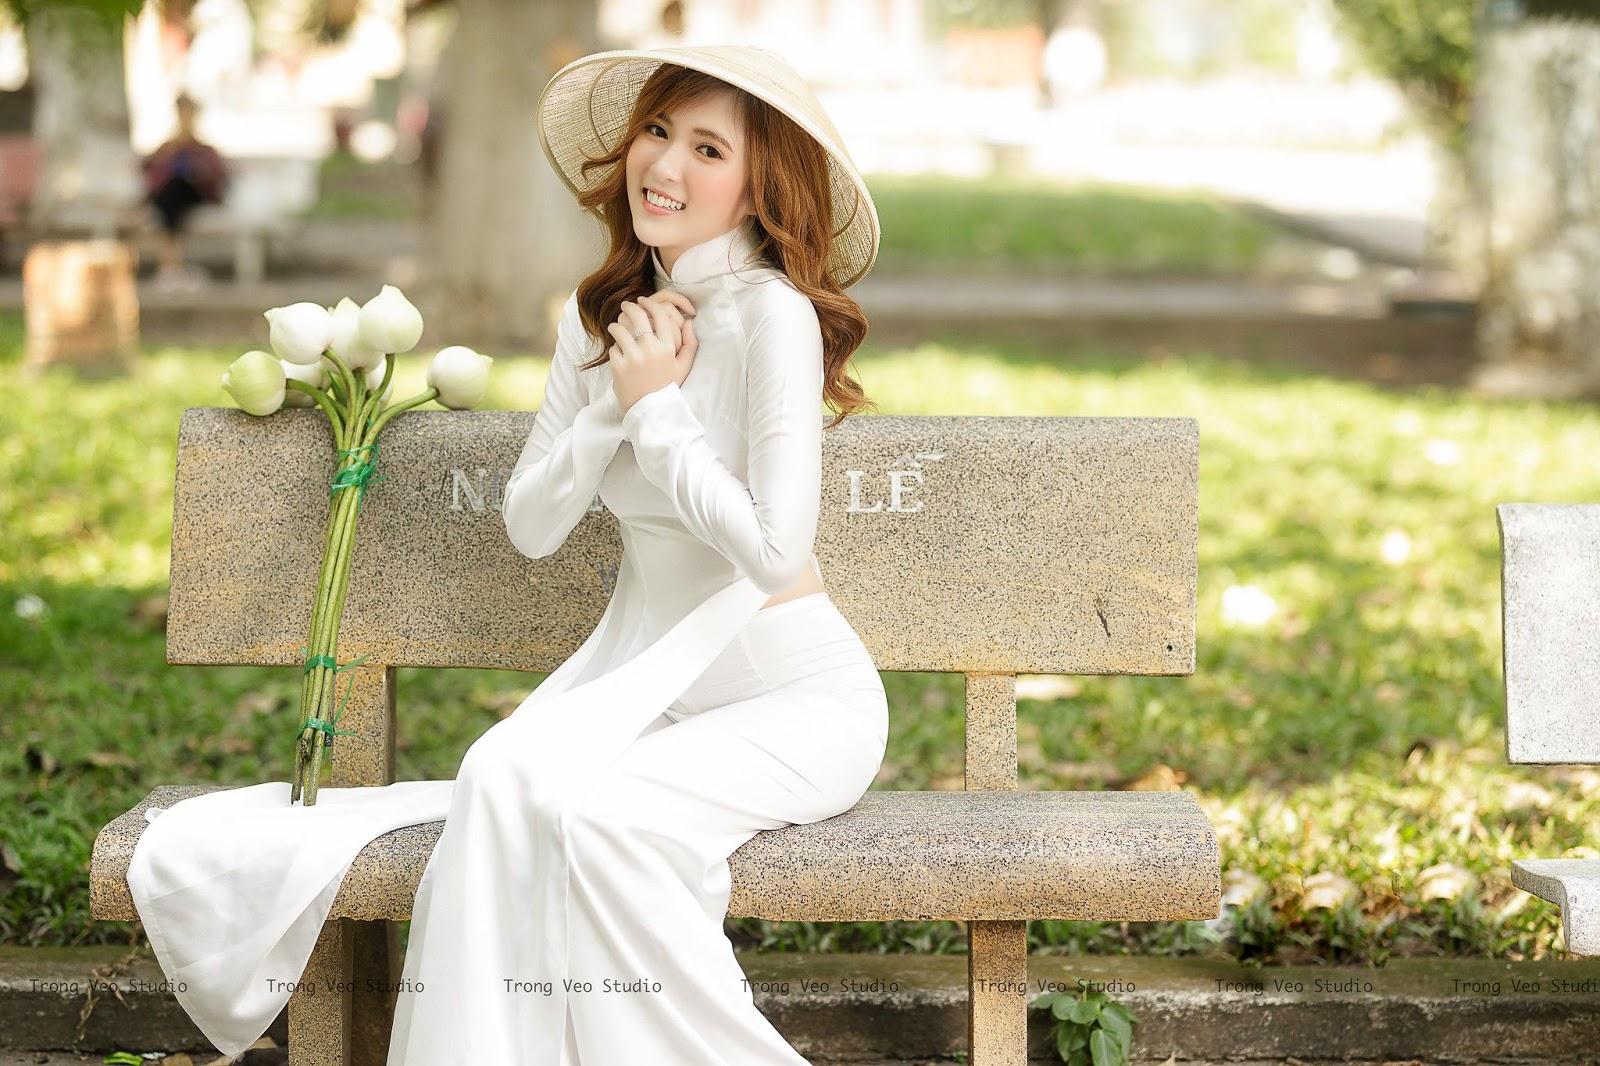 Ngắm ảnh gái xinh Kiều Ngân xinh đẹp như ngọc trong tà áo dài trắng